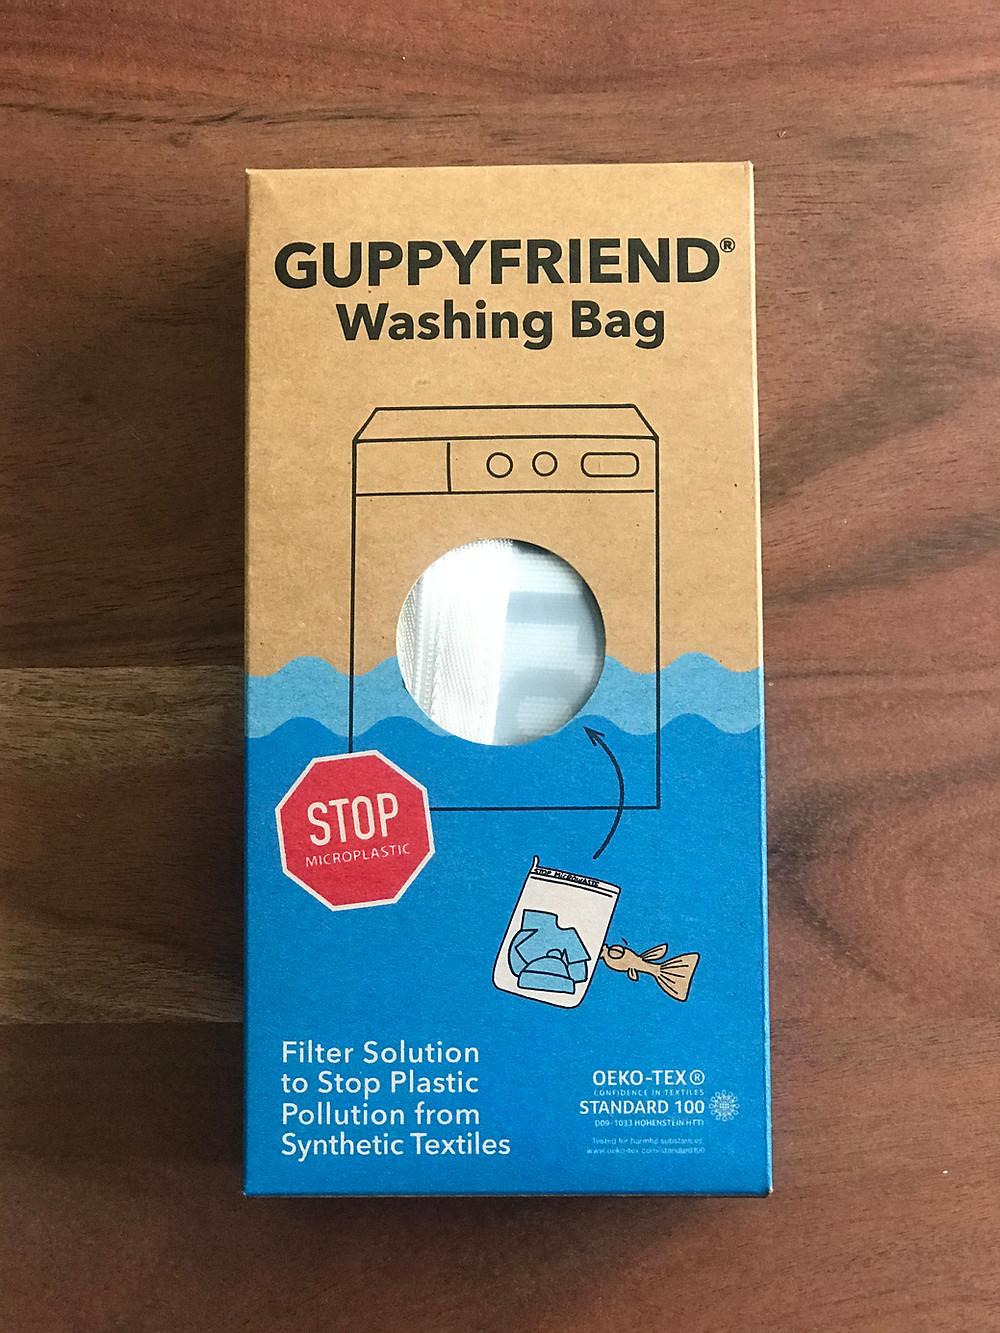 GUPPYFRIEND Washing Bag Microplastics Pollution